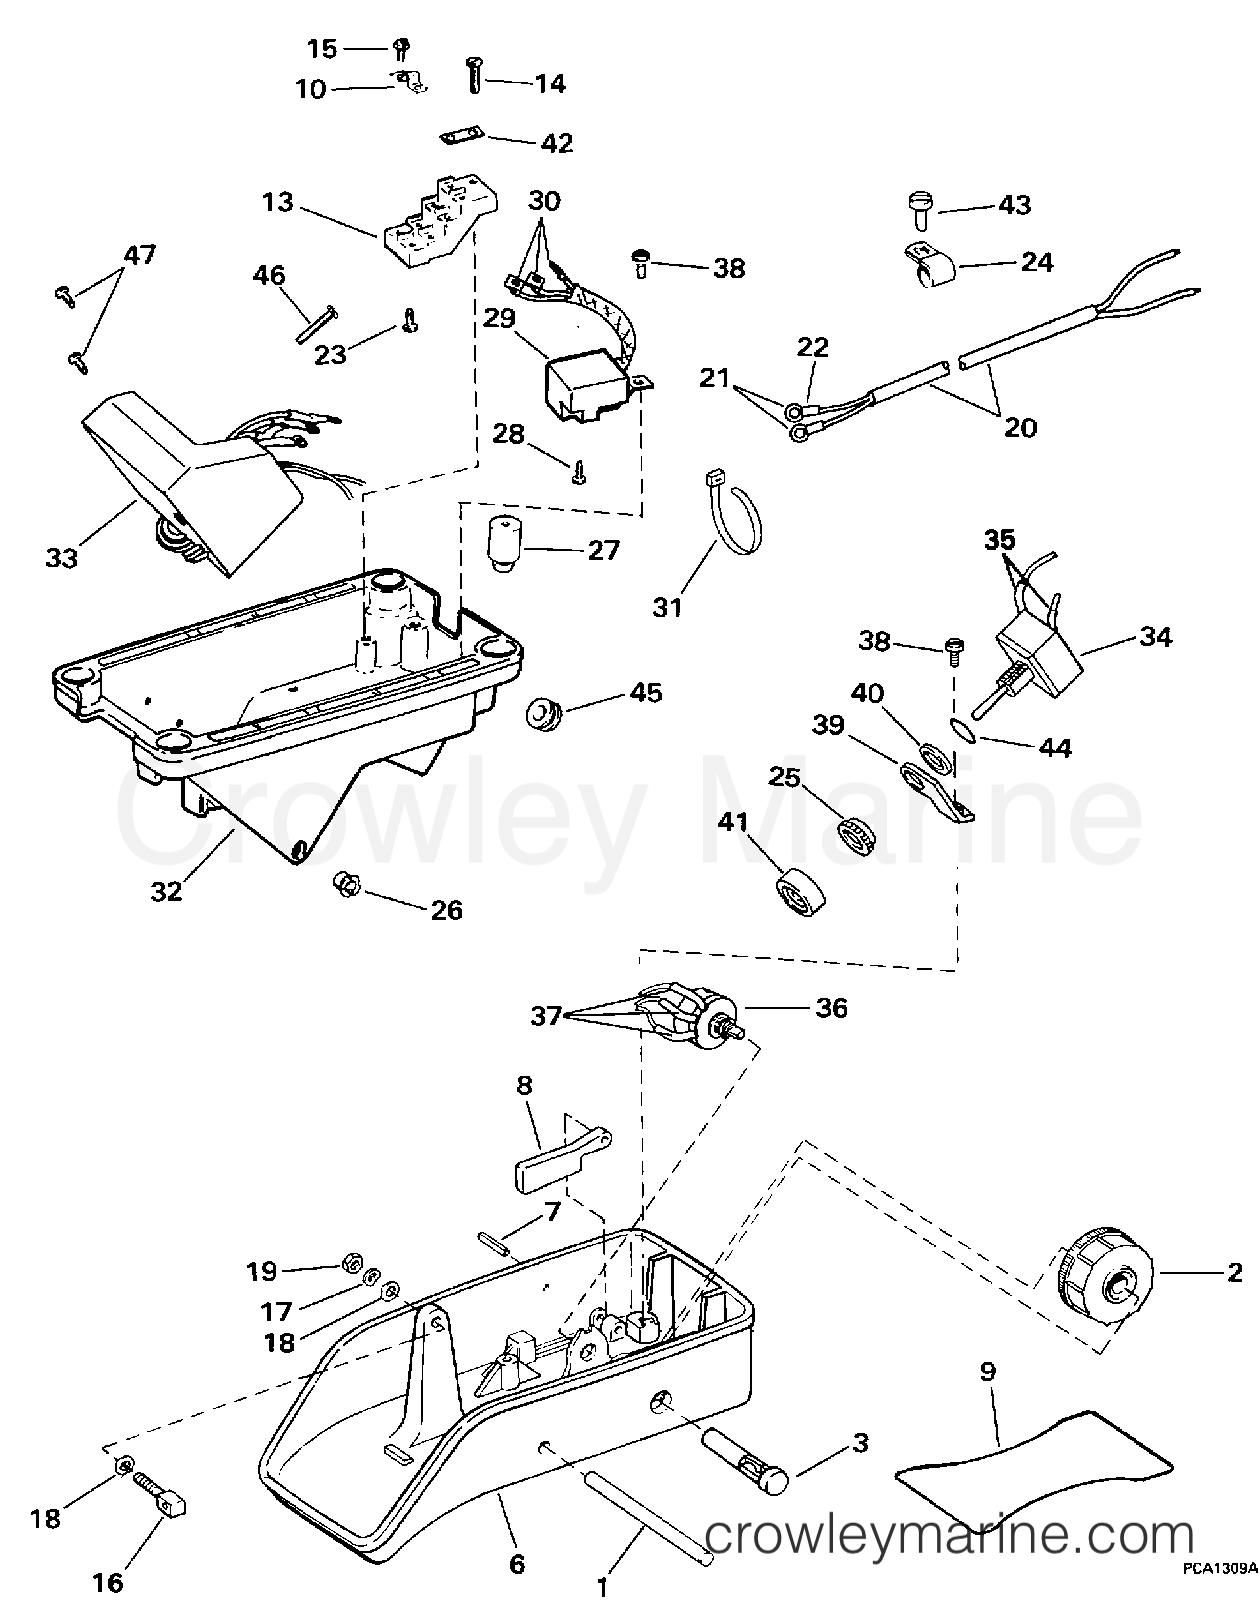 tags: #pioneer deh p77dh wiring diagram#pioneer deh 2100 wiring diagram# pioneer deh 6 wiring diagram#pioneer deh x6500bt wiring diagram#pioneer deh  p4000ub